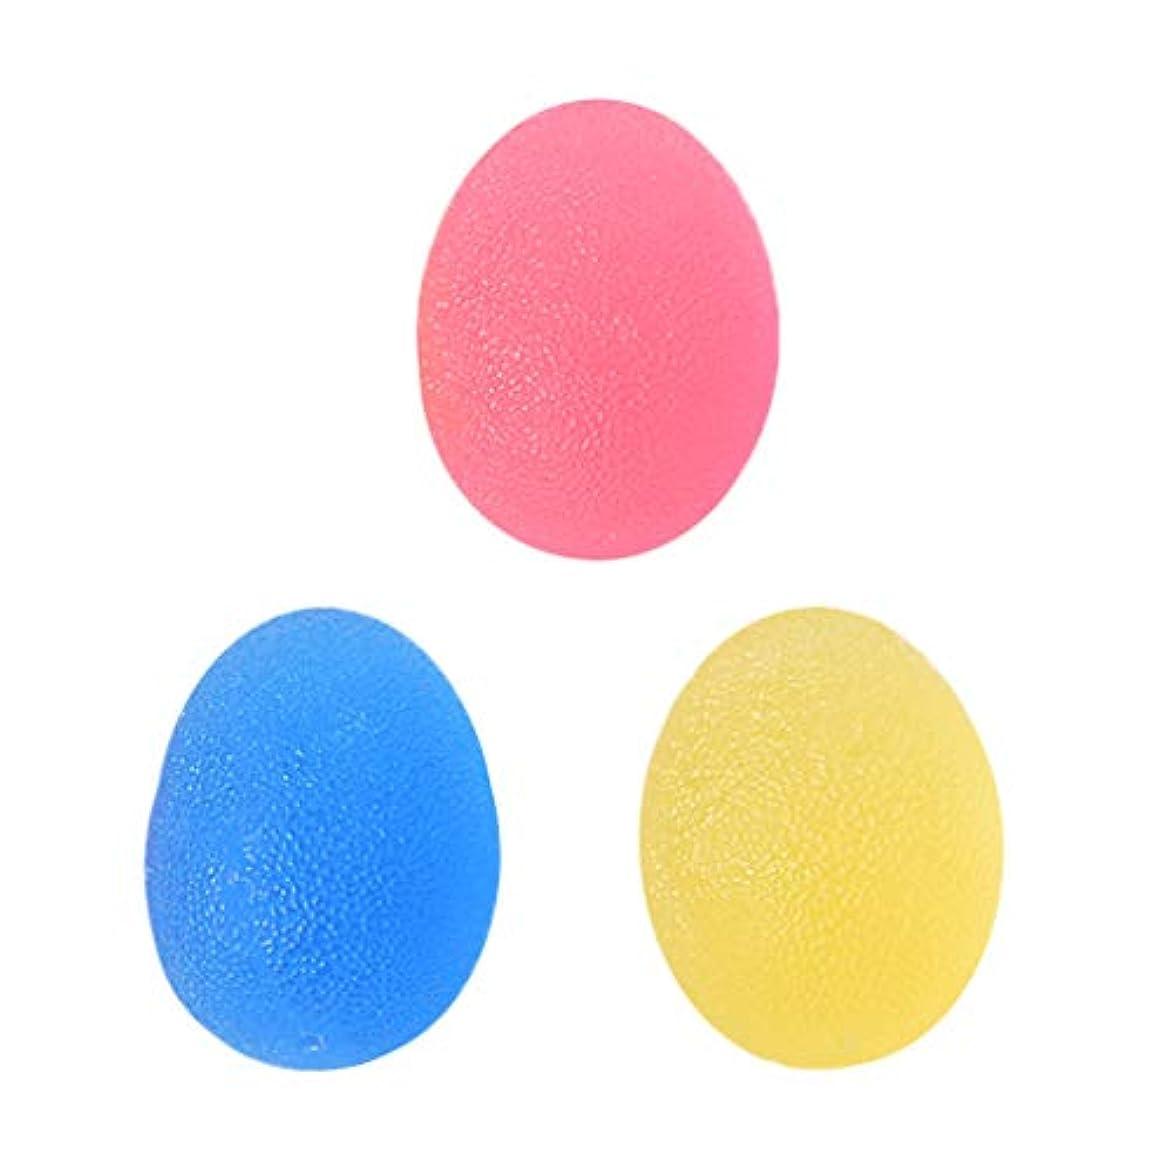 飽和する市民権仮定するBaoblaze 3個 ハンドエクササイザ スクイズボール ツボ押し 強度ボール TPE製